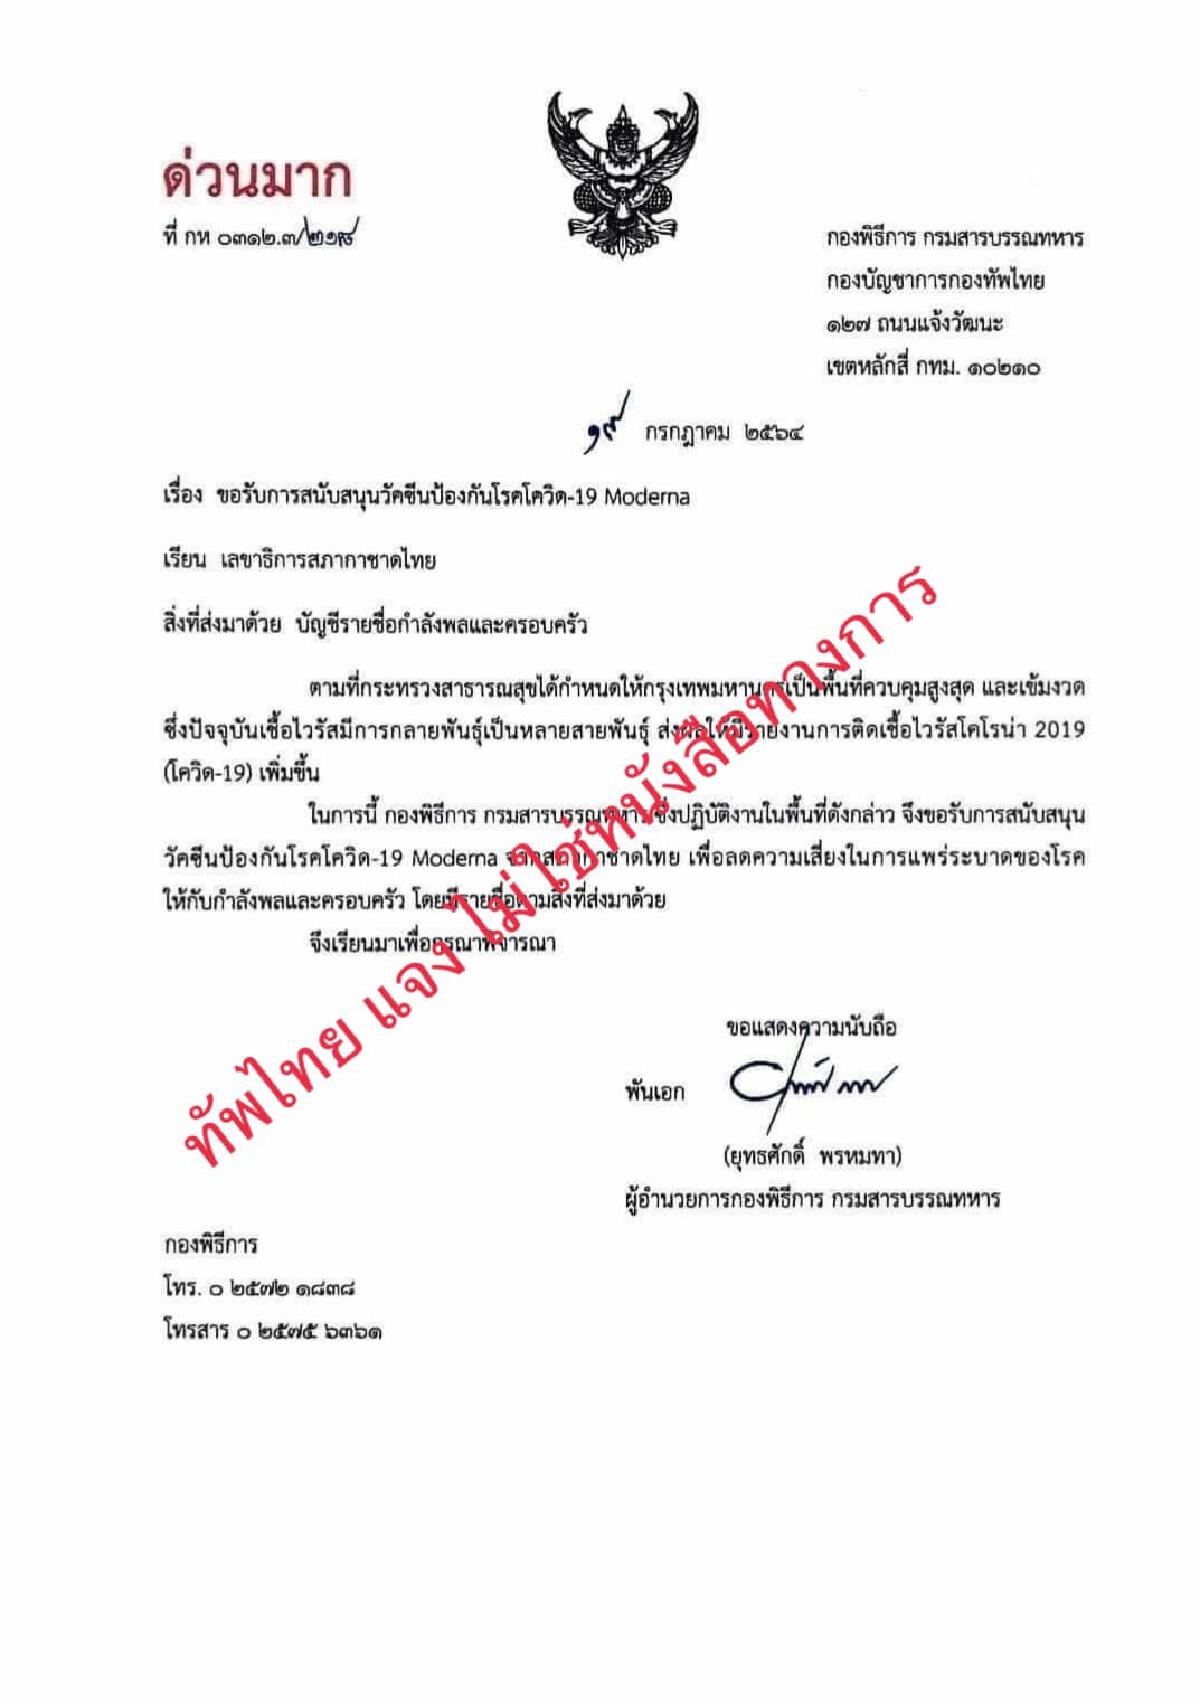 แชร์สนั่น กรมสารบรรณทหาร ส่งหนังสือสภากาชาดไทย ขอวัคซีนโมเดอร์นา